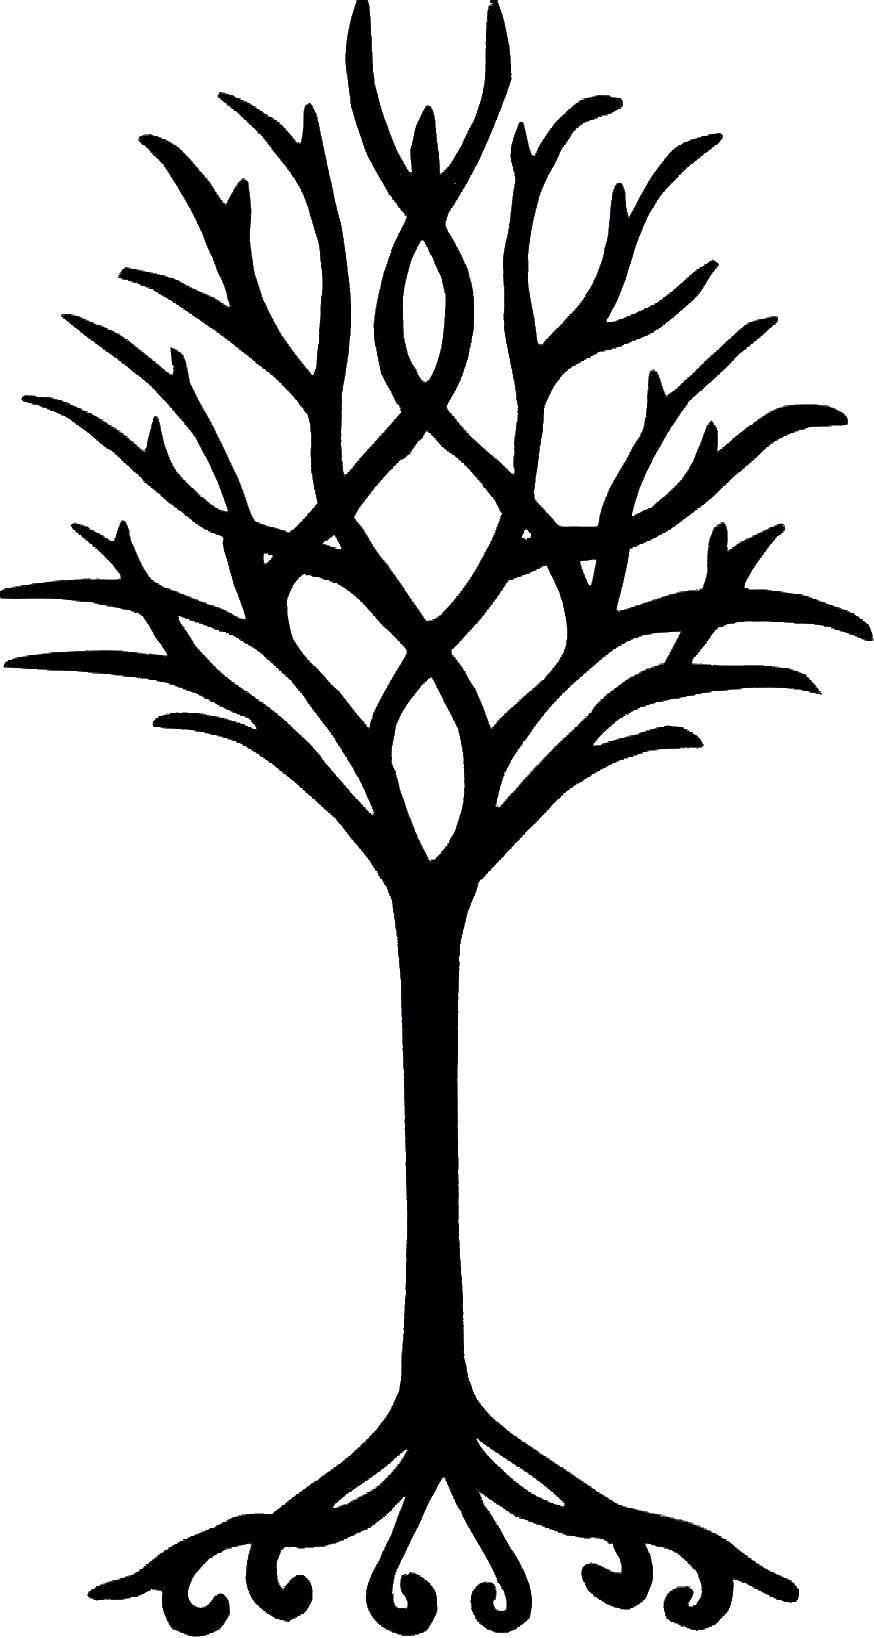 Раскраски дерева, Раскраска Дерево с ветками и корнями ...